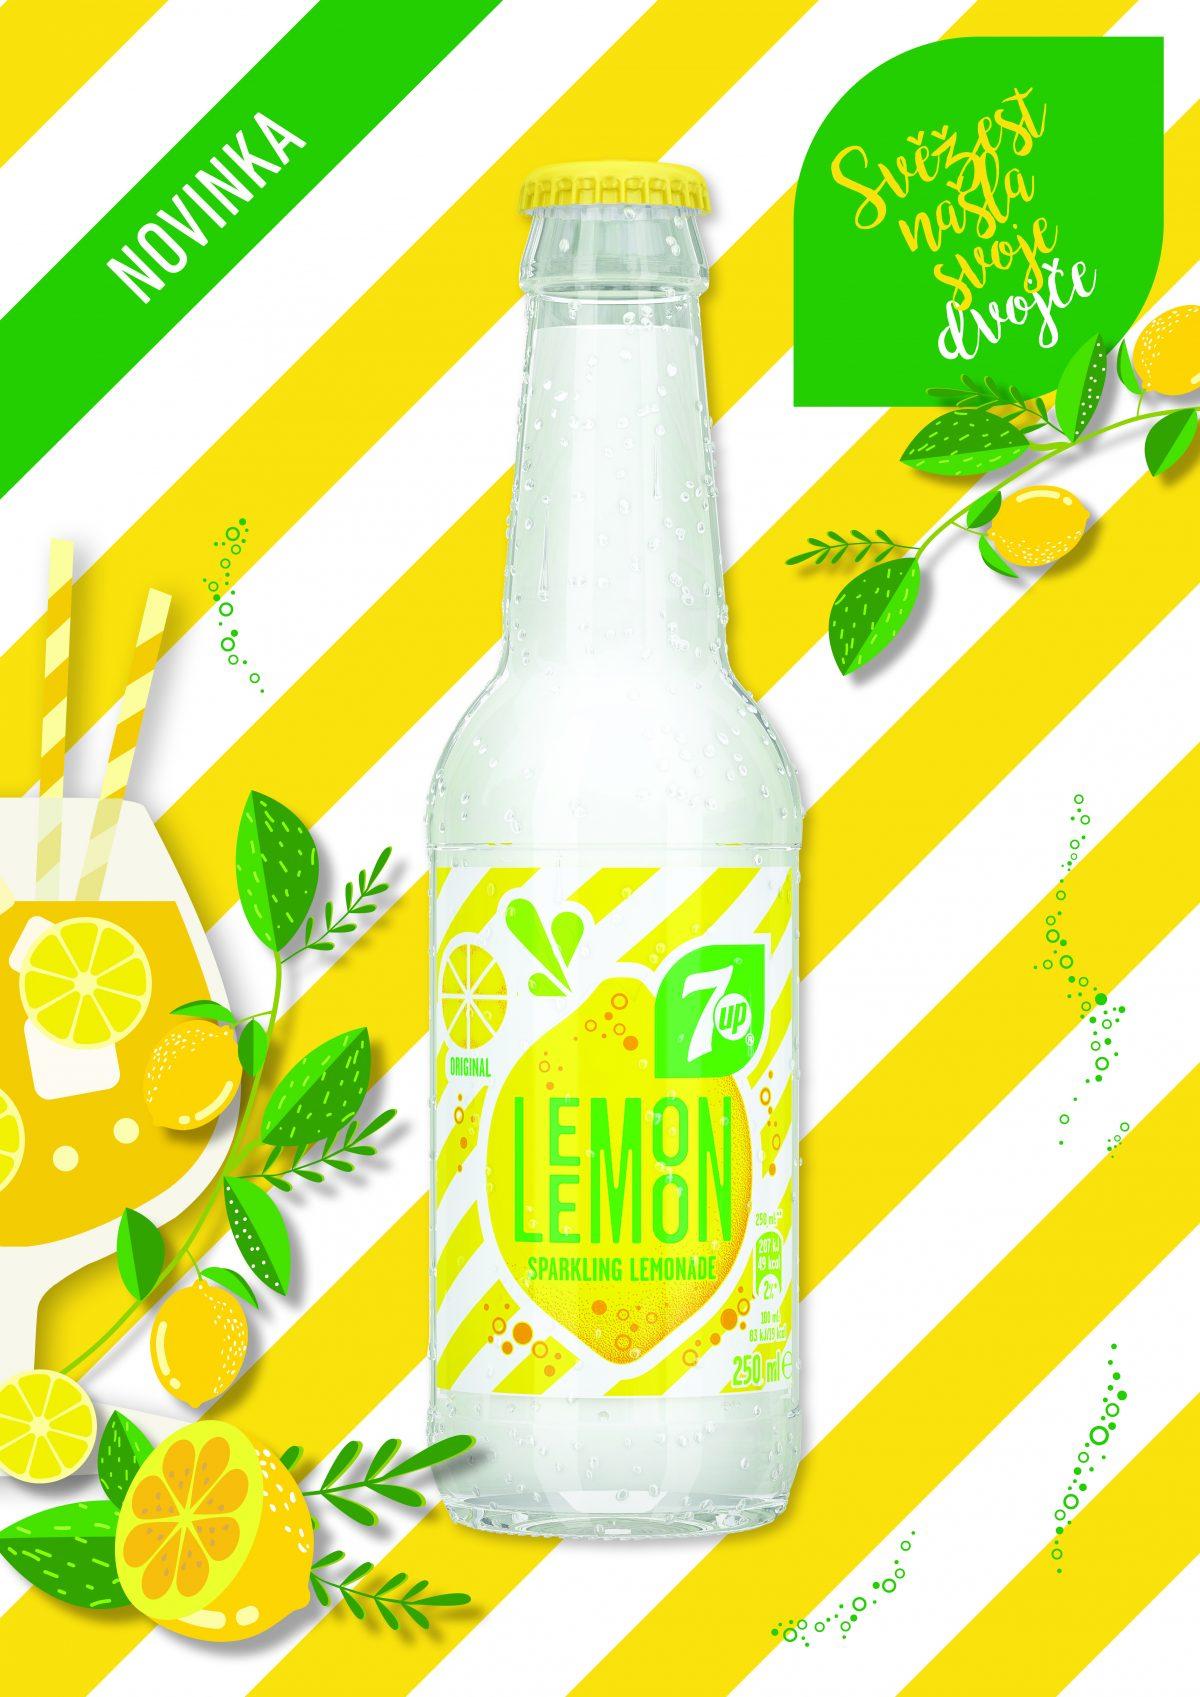 Nová limonáda Lemon Lemon